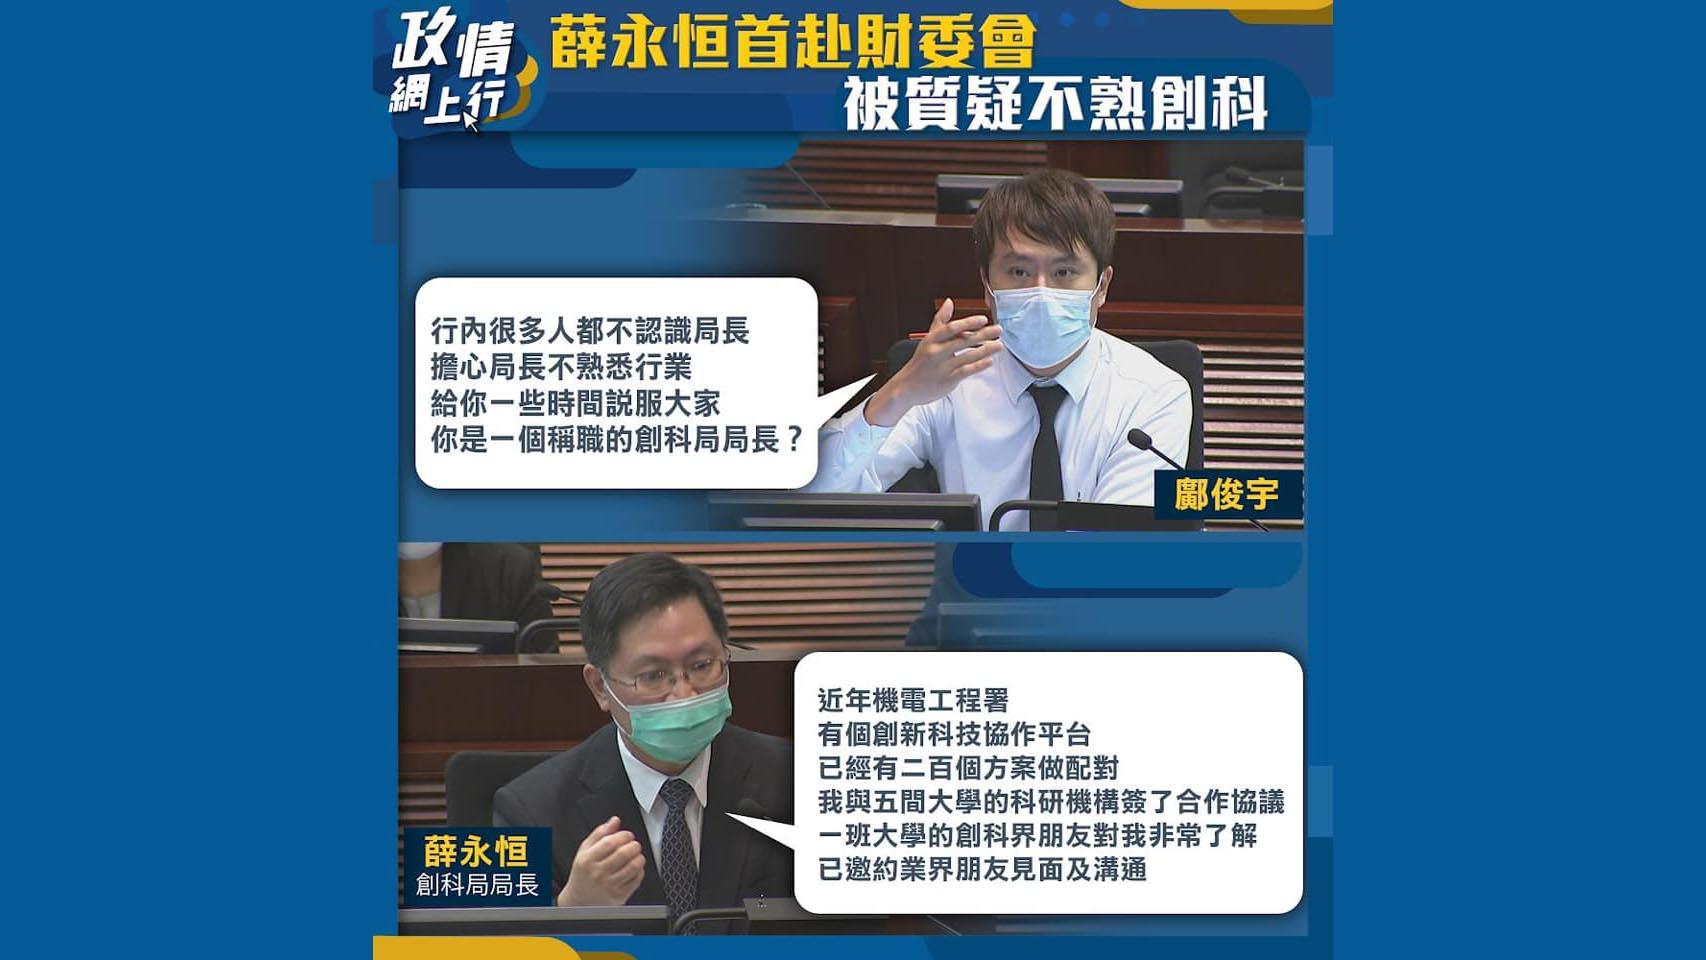 【政情網上行】薛永恒首赴財委會 被質疑不熟創科